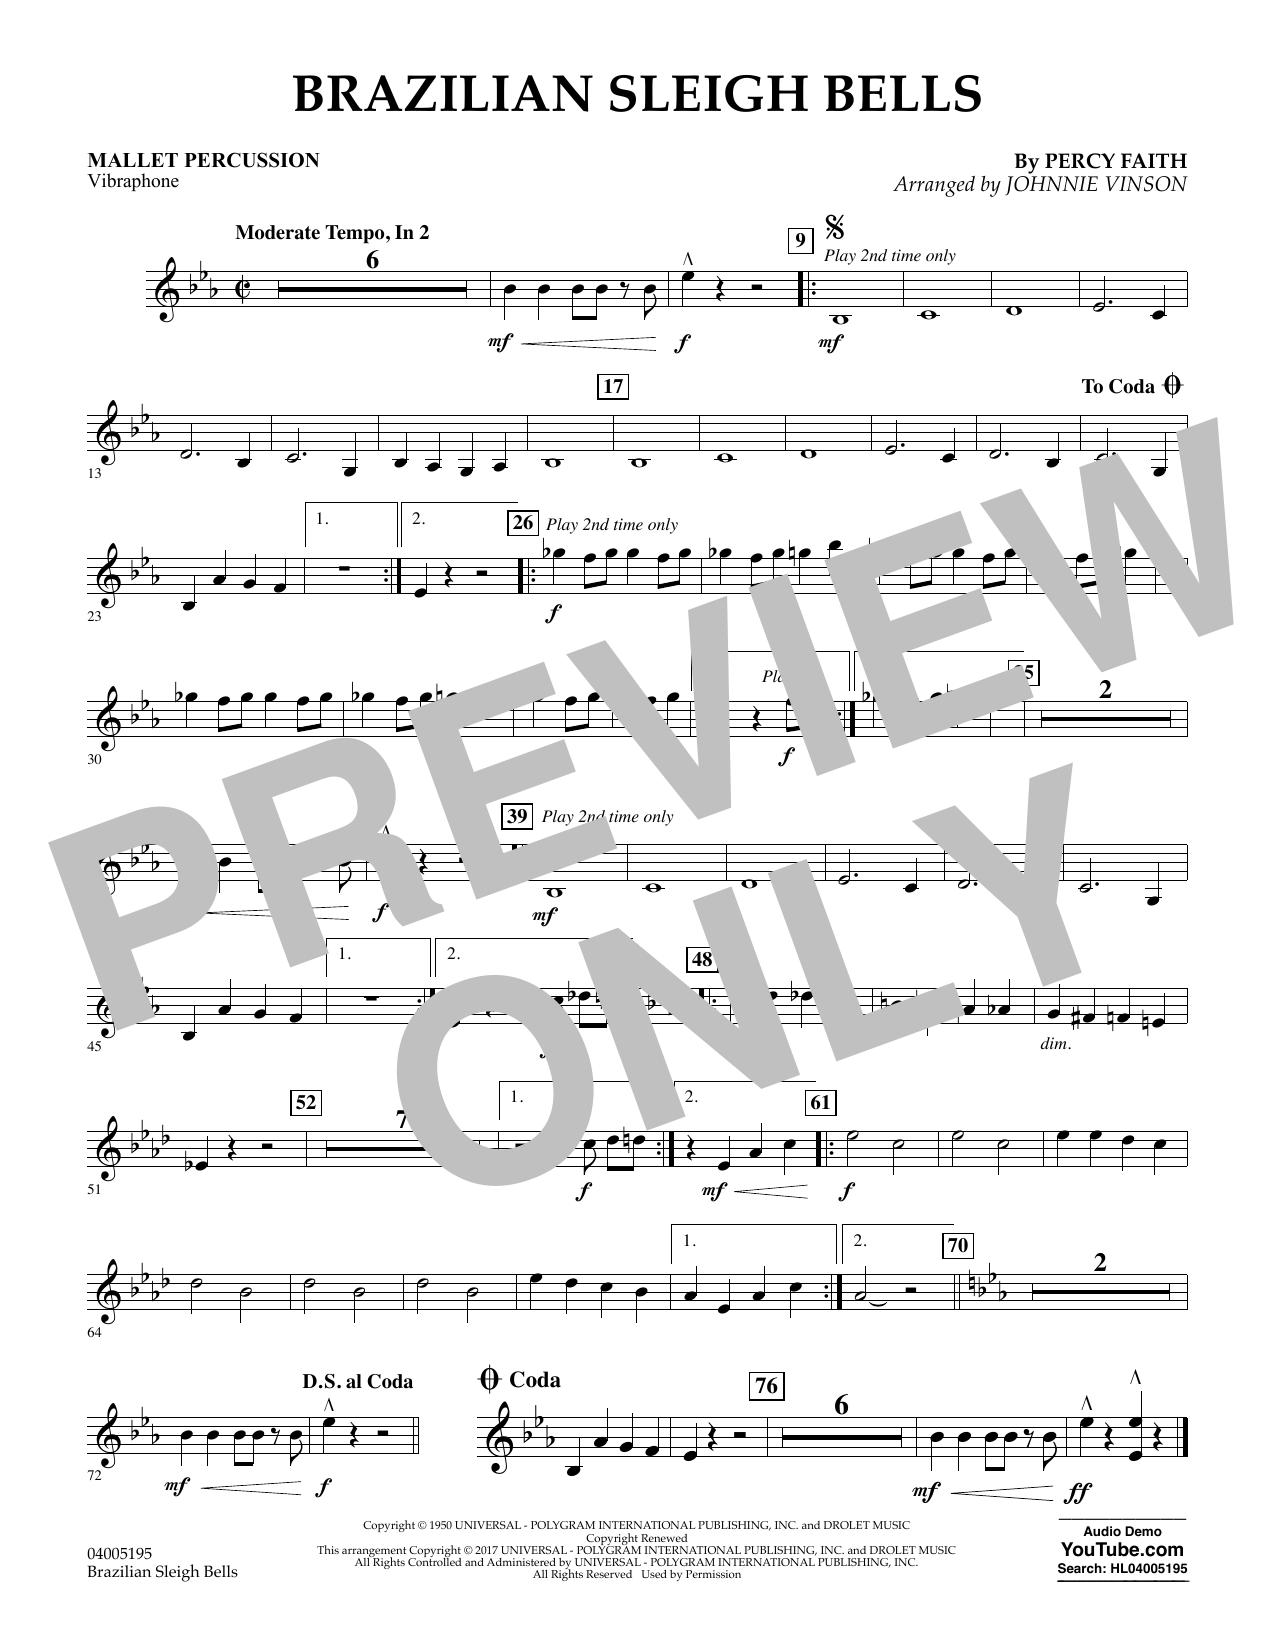 Brazilian Sleigh Bells - Mallet Percussion (Flex-Band)